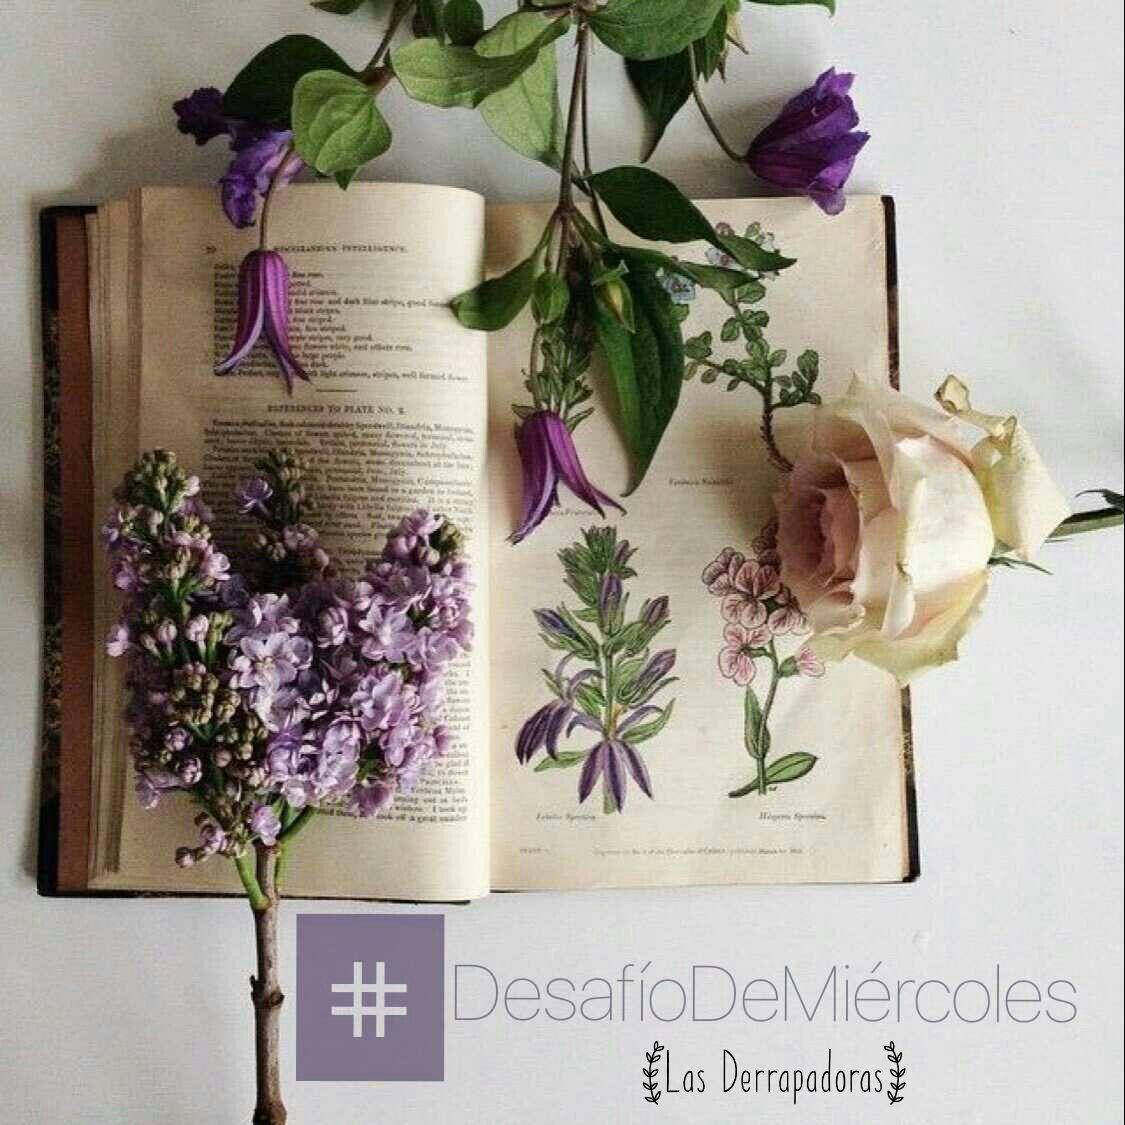 #Miércoles #DdM #DosEnUno 👉Nombra un libro con una flor en su portada. (¿Lo recomendarías?) #UnaPortadaYUnaFlor #NosMatamosCadaVezmMás 😝